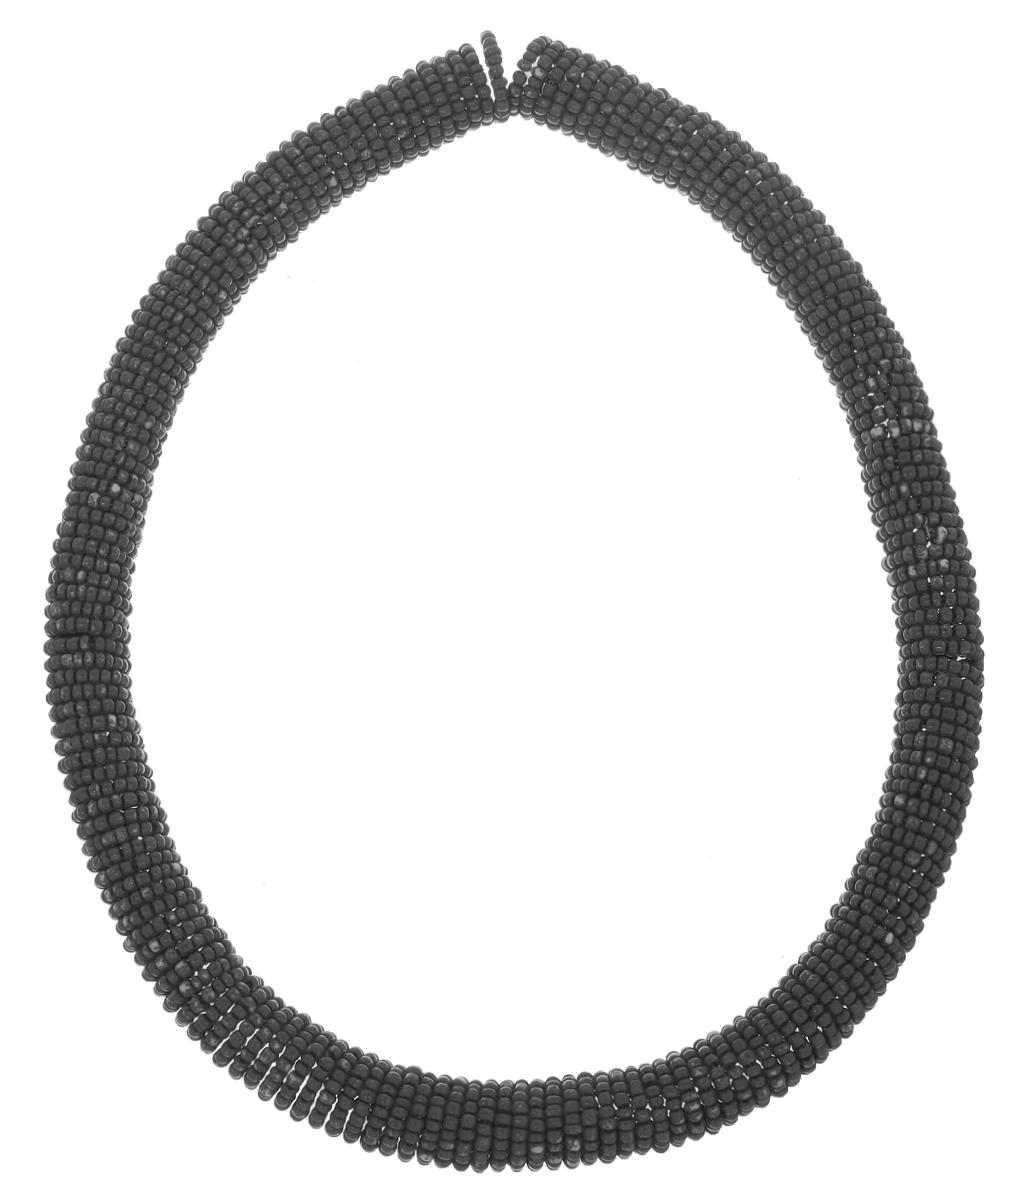 Бусы Ethnica, цвет: серый. 221065221065Бусы Ethnica выполнены в виде эластичной пружинки из металлического сплава, на которую нанизан бисер из пластика. За счет эластичной основы бусы имеют универсальный размер. Объемные бусы Ethnica помогут дополнить любой образ и привнести в него завершающий яркий штрих.